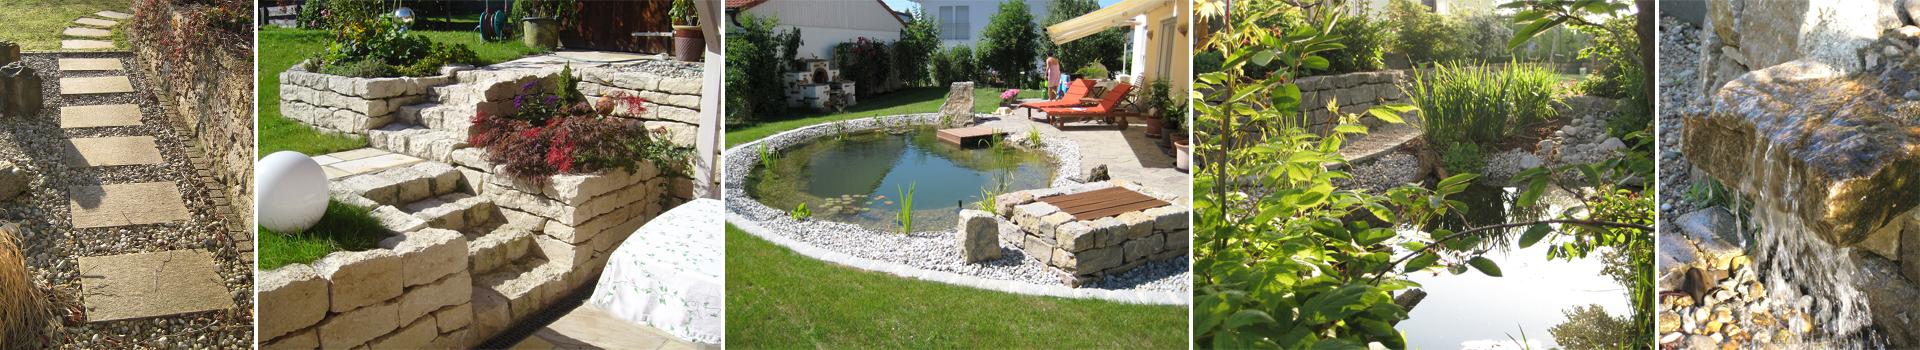 Garten- und Landschaftsbau Peter Oskar in Reithofen